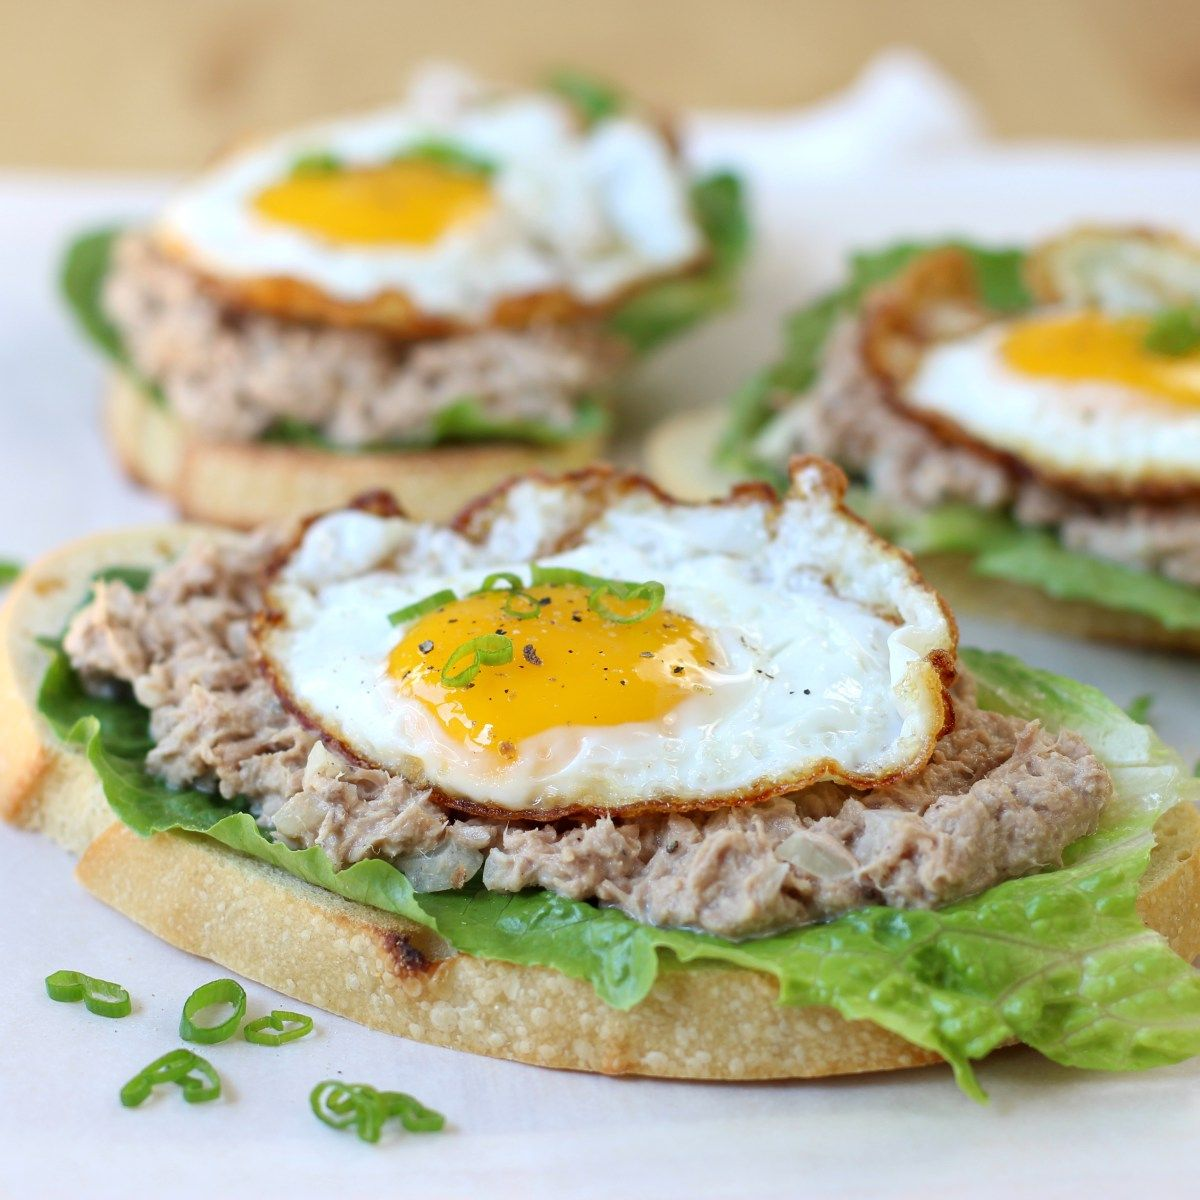 Tuna Egg Sandwich Recipe Tuna And Egg Egg Sandwich Recipe Tuna Egg Salad